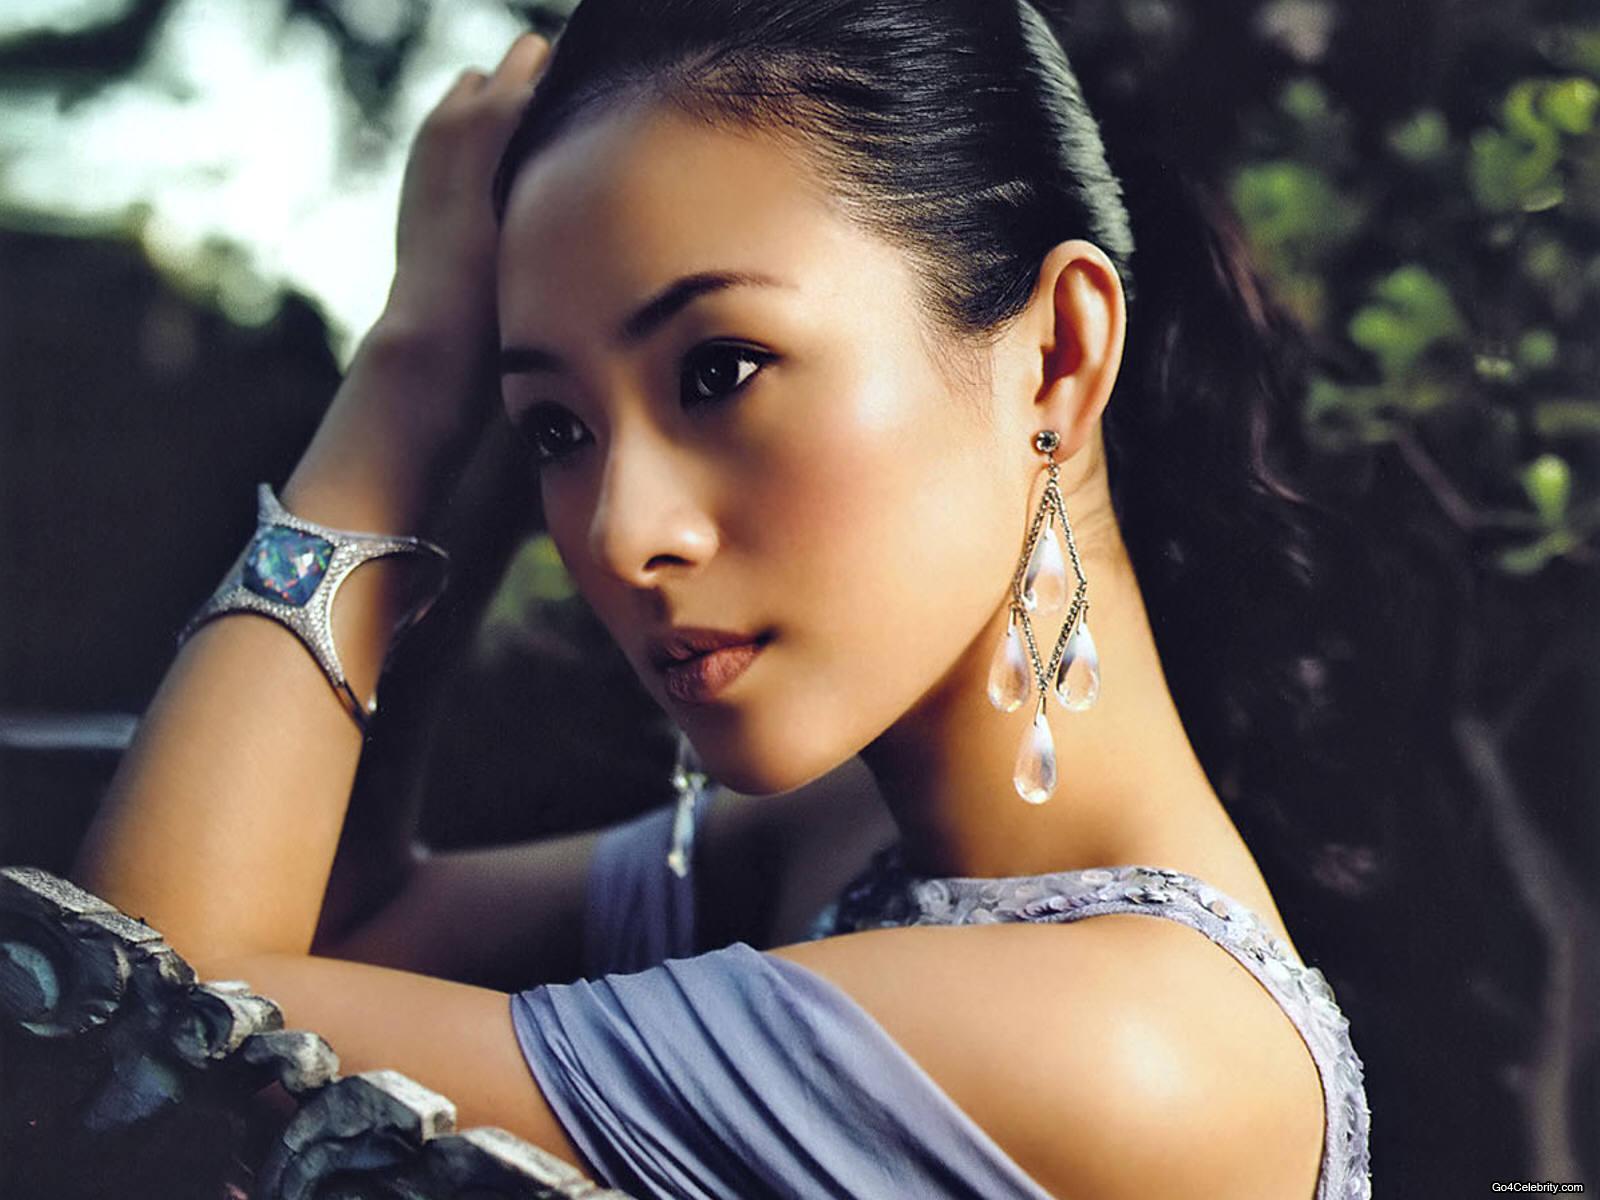 http://4.bp.blogspot.com/-q0-4DxXGmZY/T8caS2RvZYI/AAAAAAAAA3E/ti2mgBsw0j4/s1600/Zhang-Ziyi-027.jpg